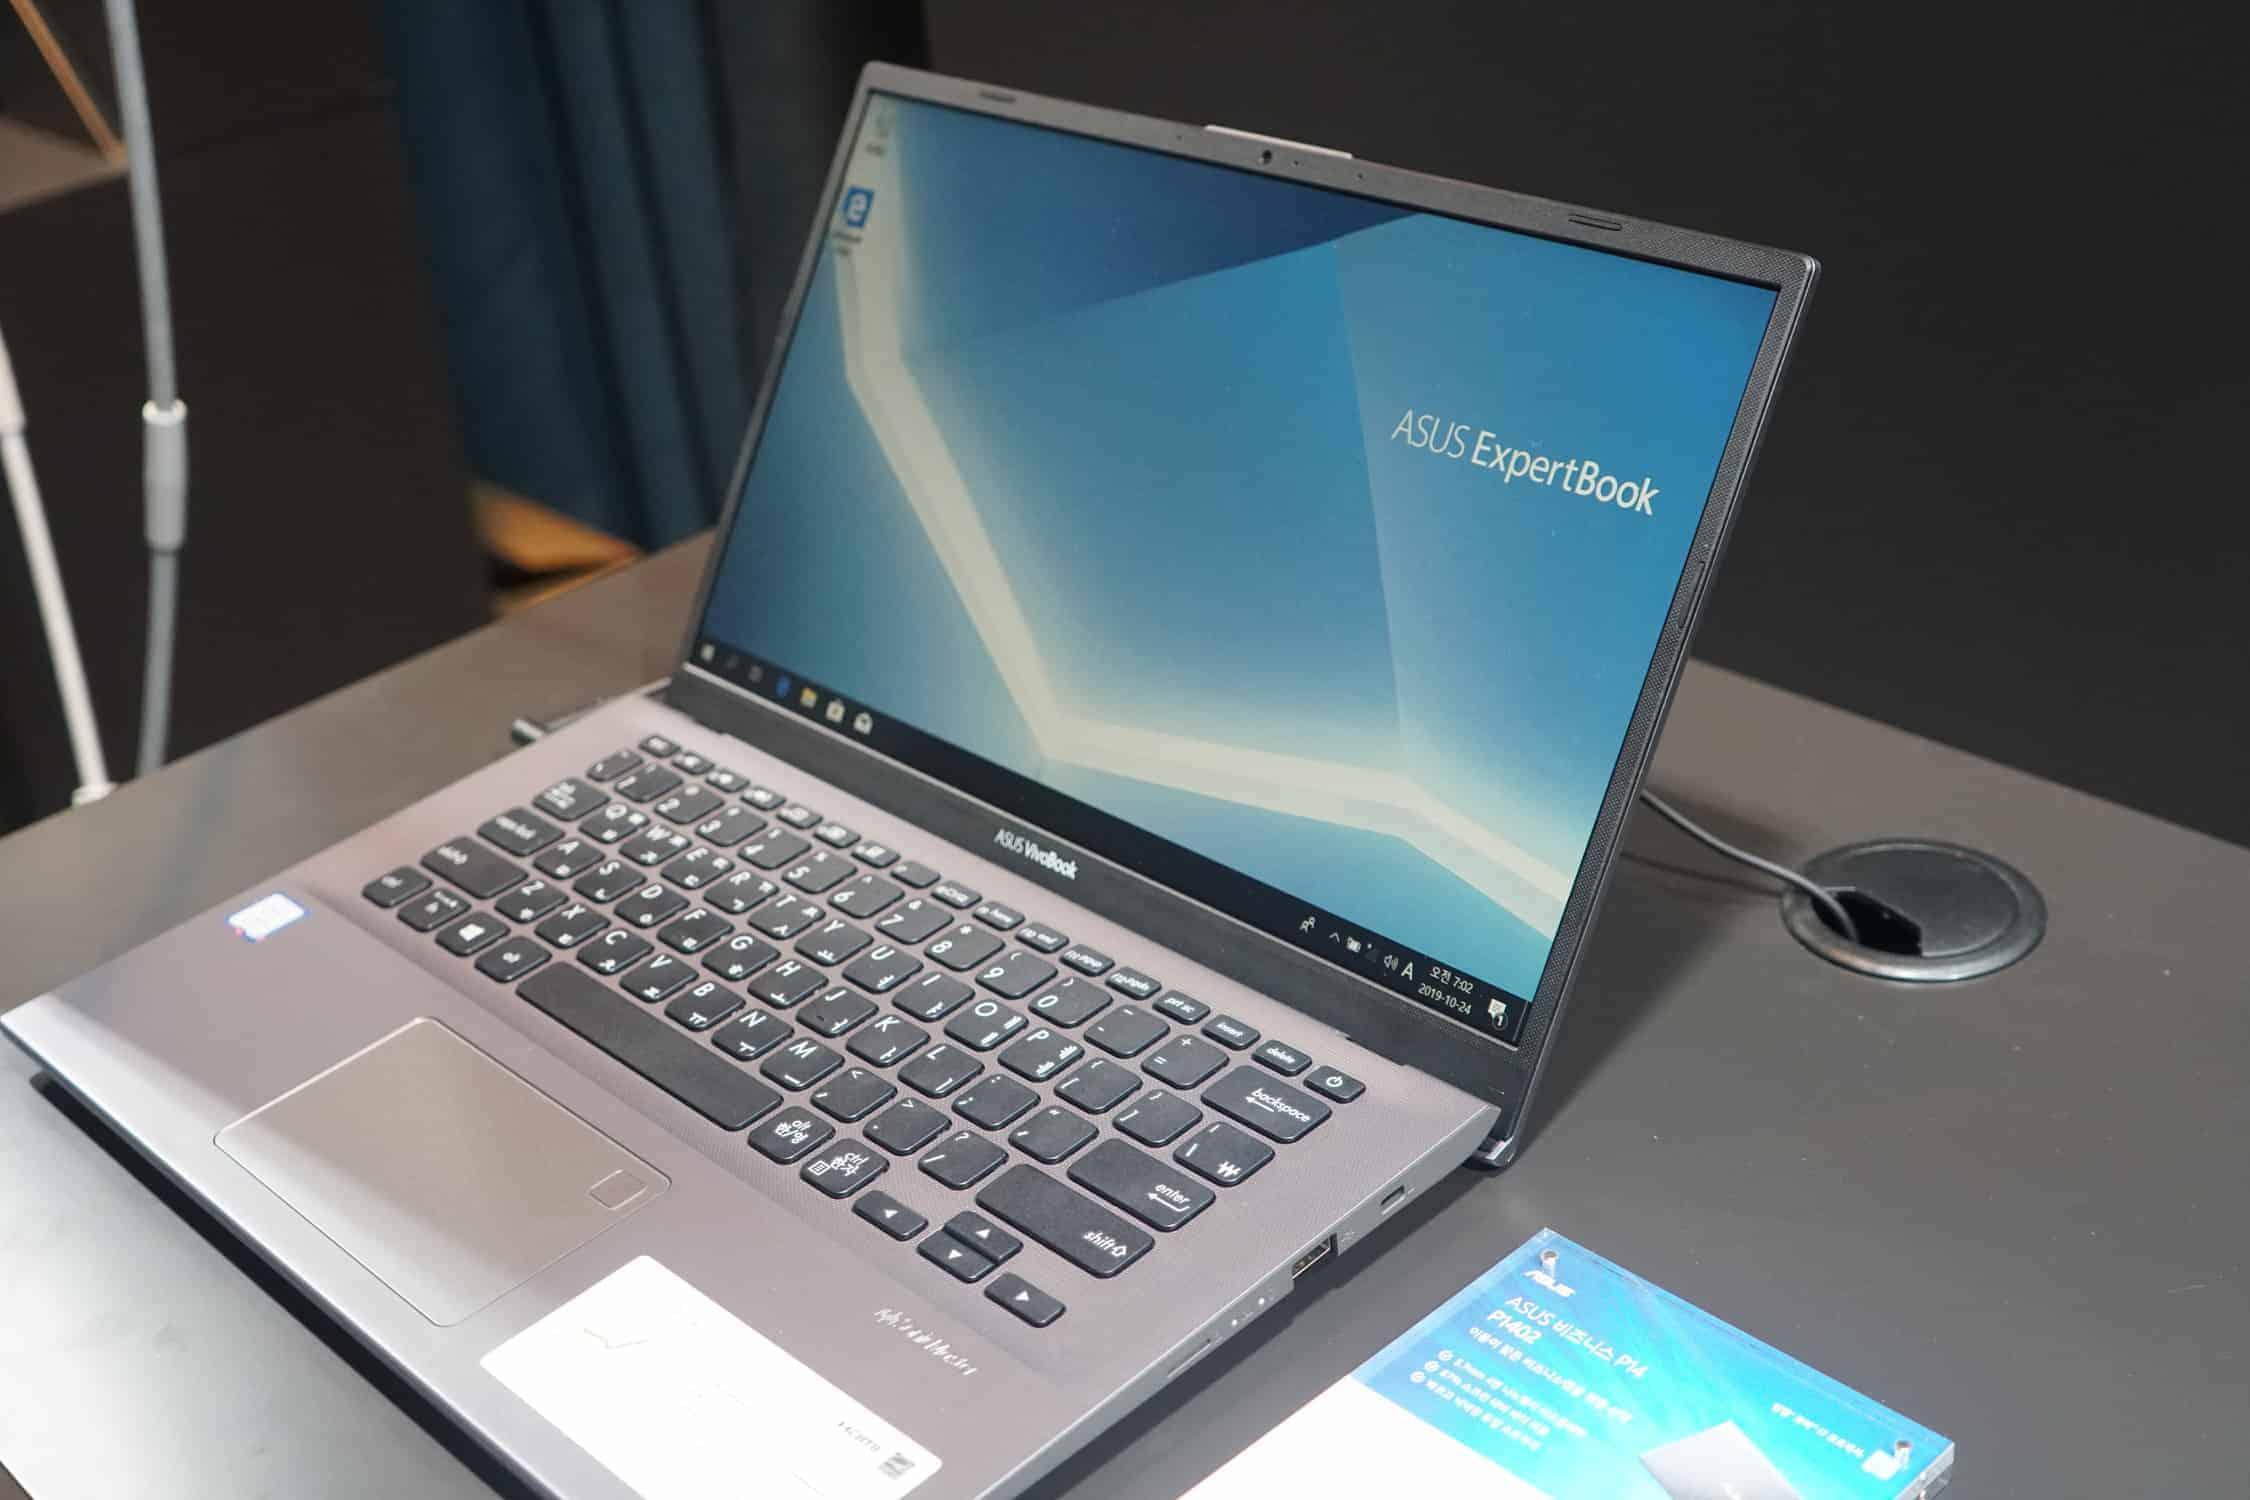 ASUS, 세계에서 가장 가벼운 비즈니스 노트북 2종 선보여 ⓒ 갓잇코리아